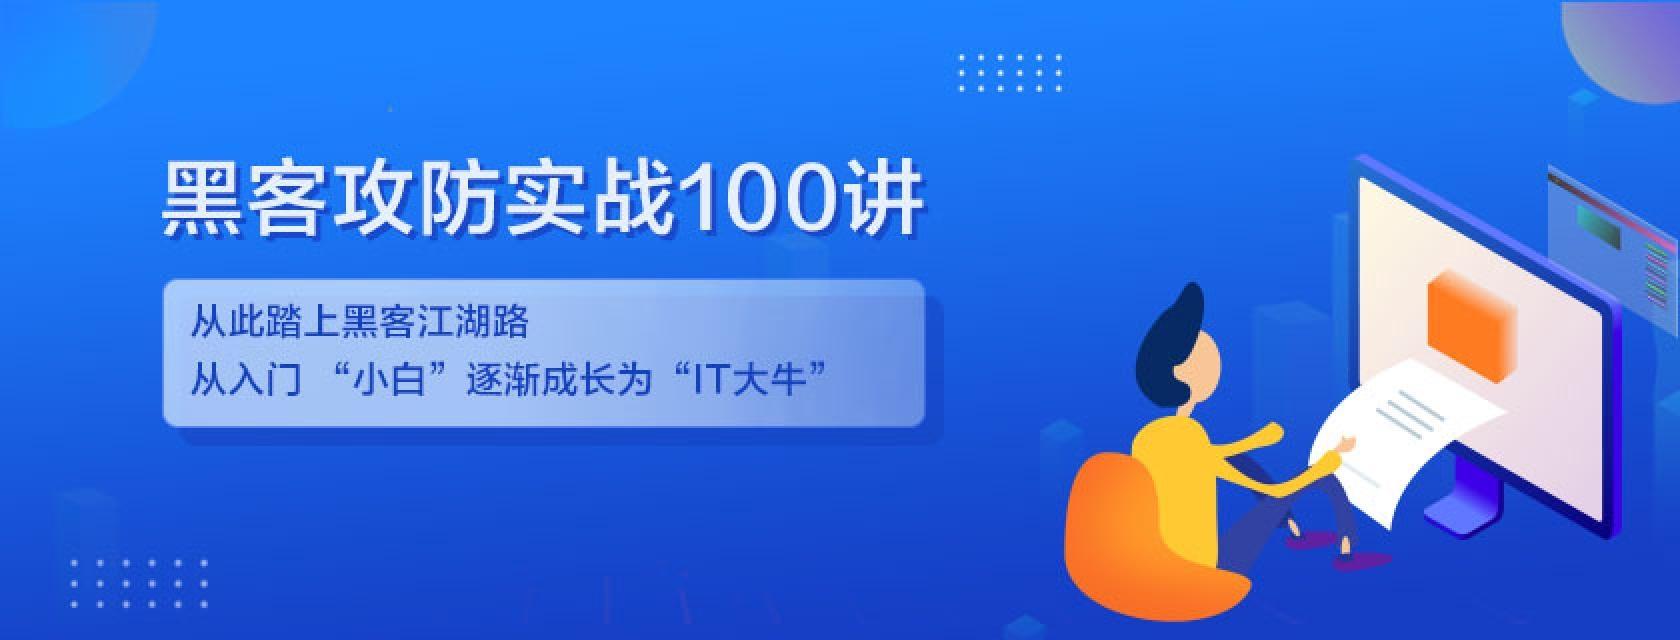 黑客攻防实战100讲